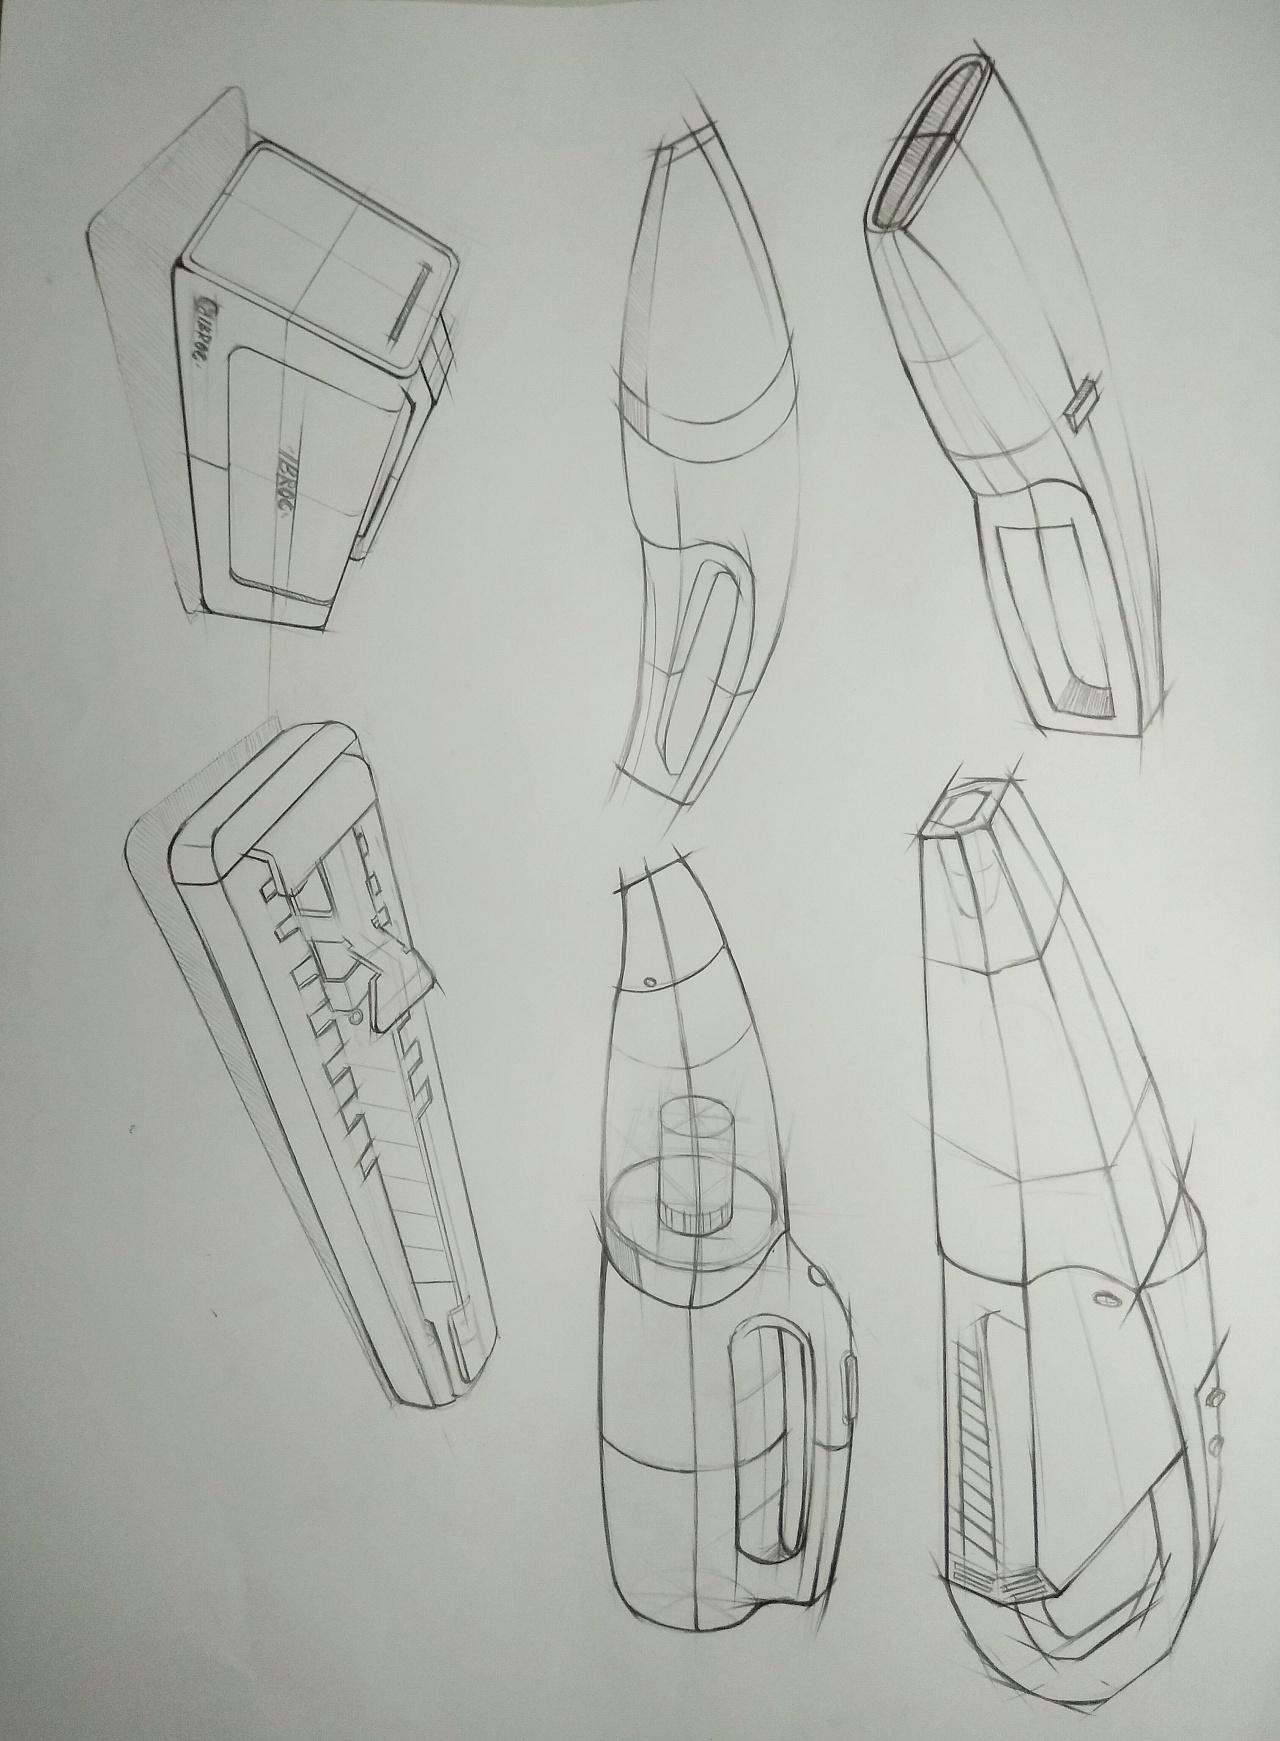 手绘产品|工业/产品|其他工业/产品|蓝睿视觉 - 原创